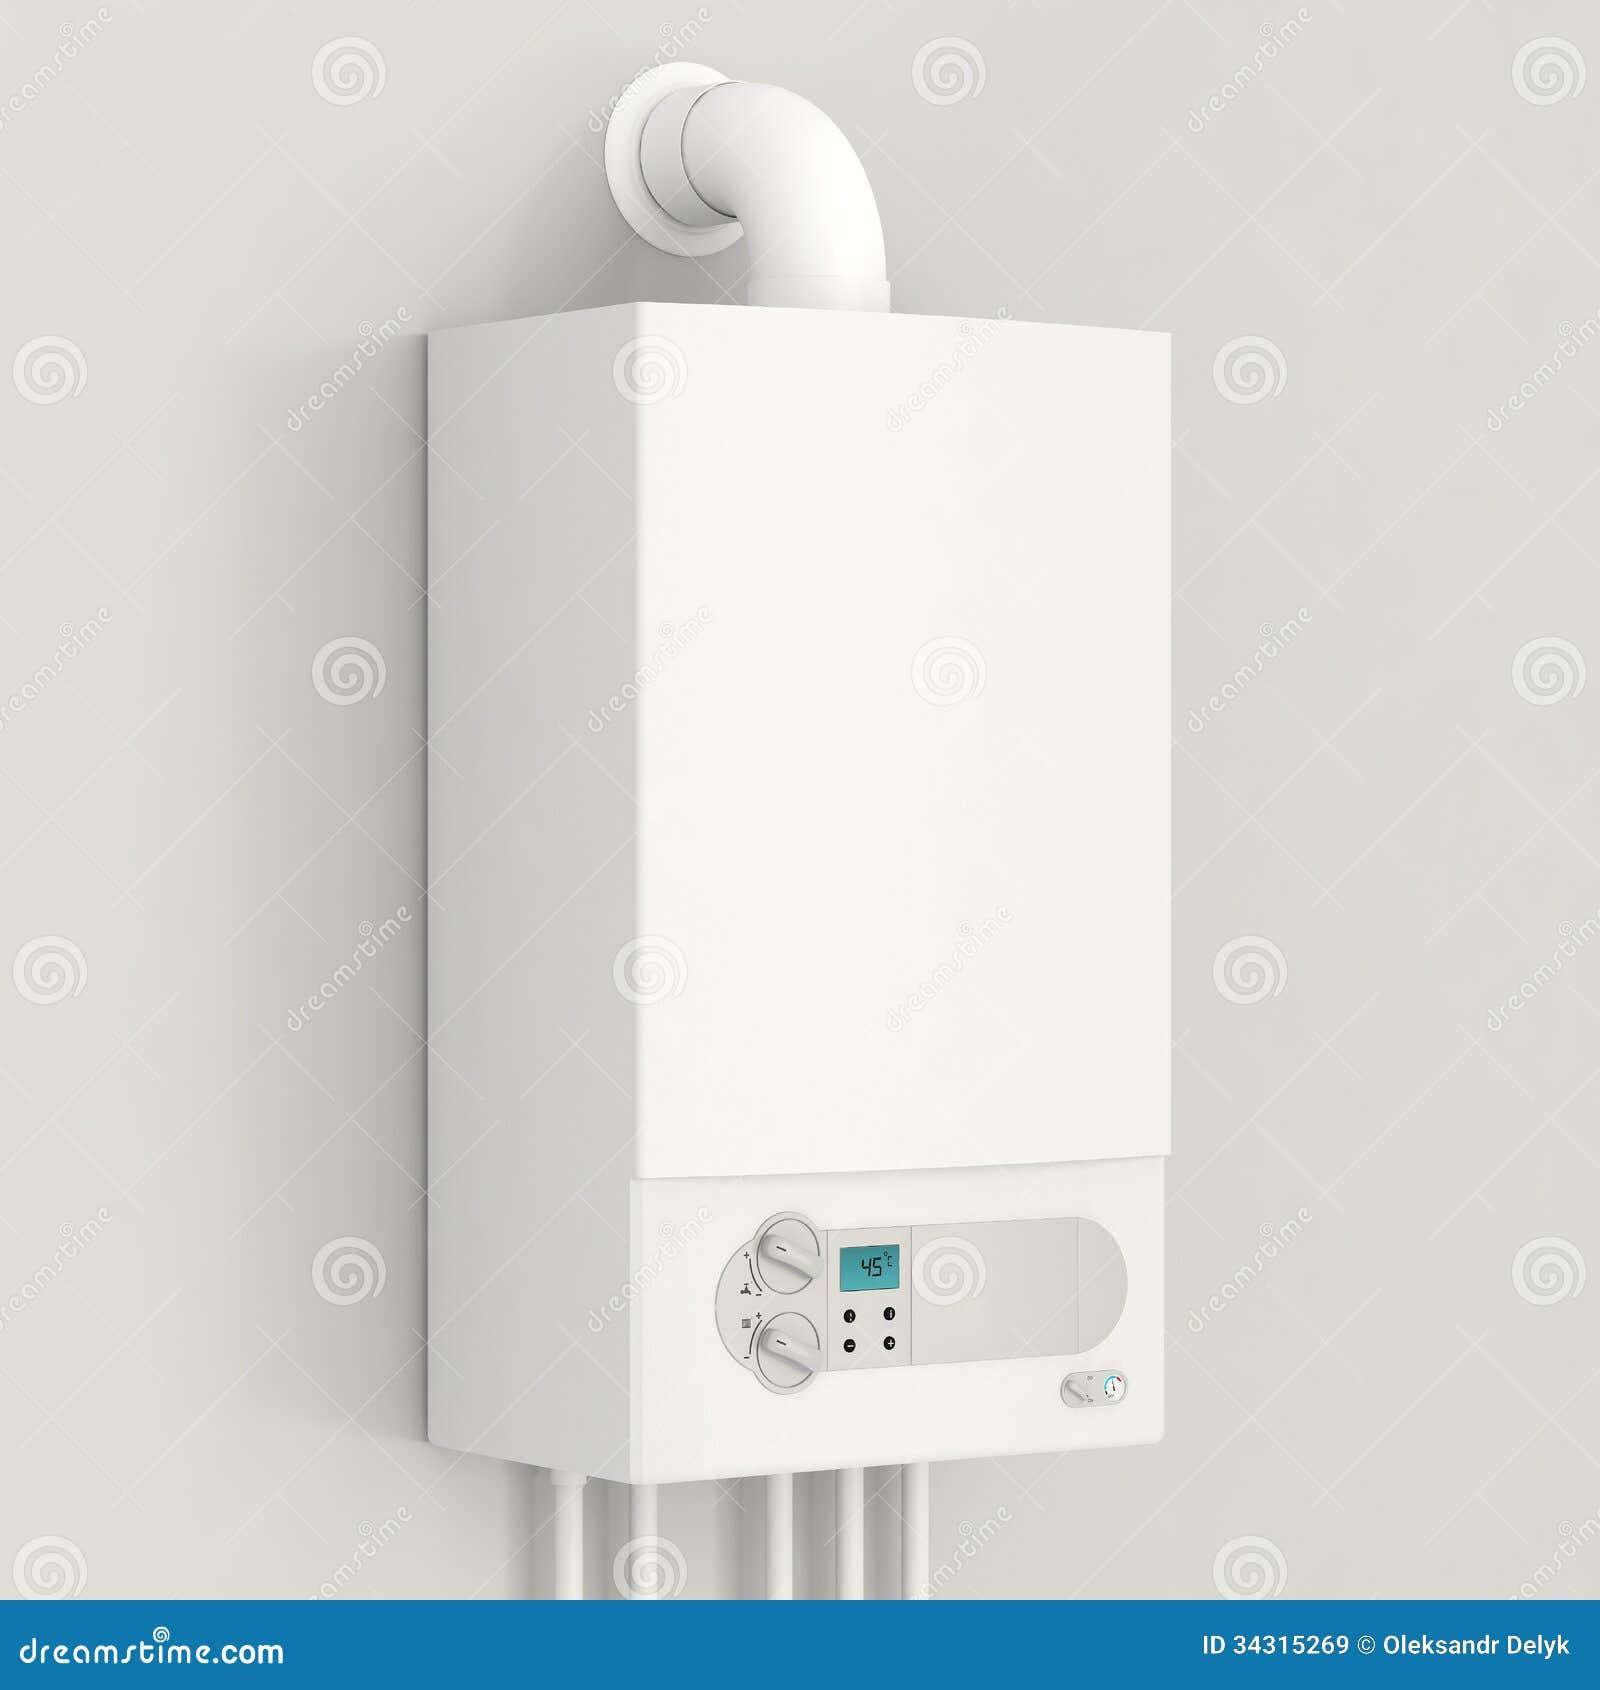 White gas boiler. stock illustration. Illustration of boiling - 34315269